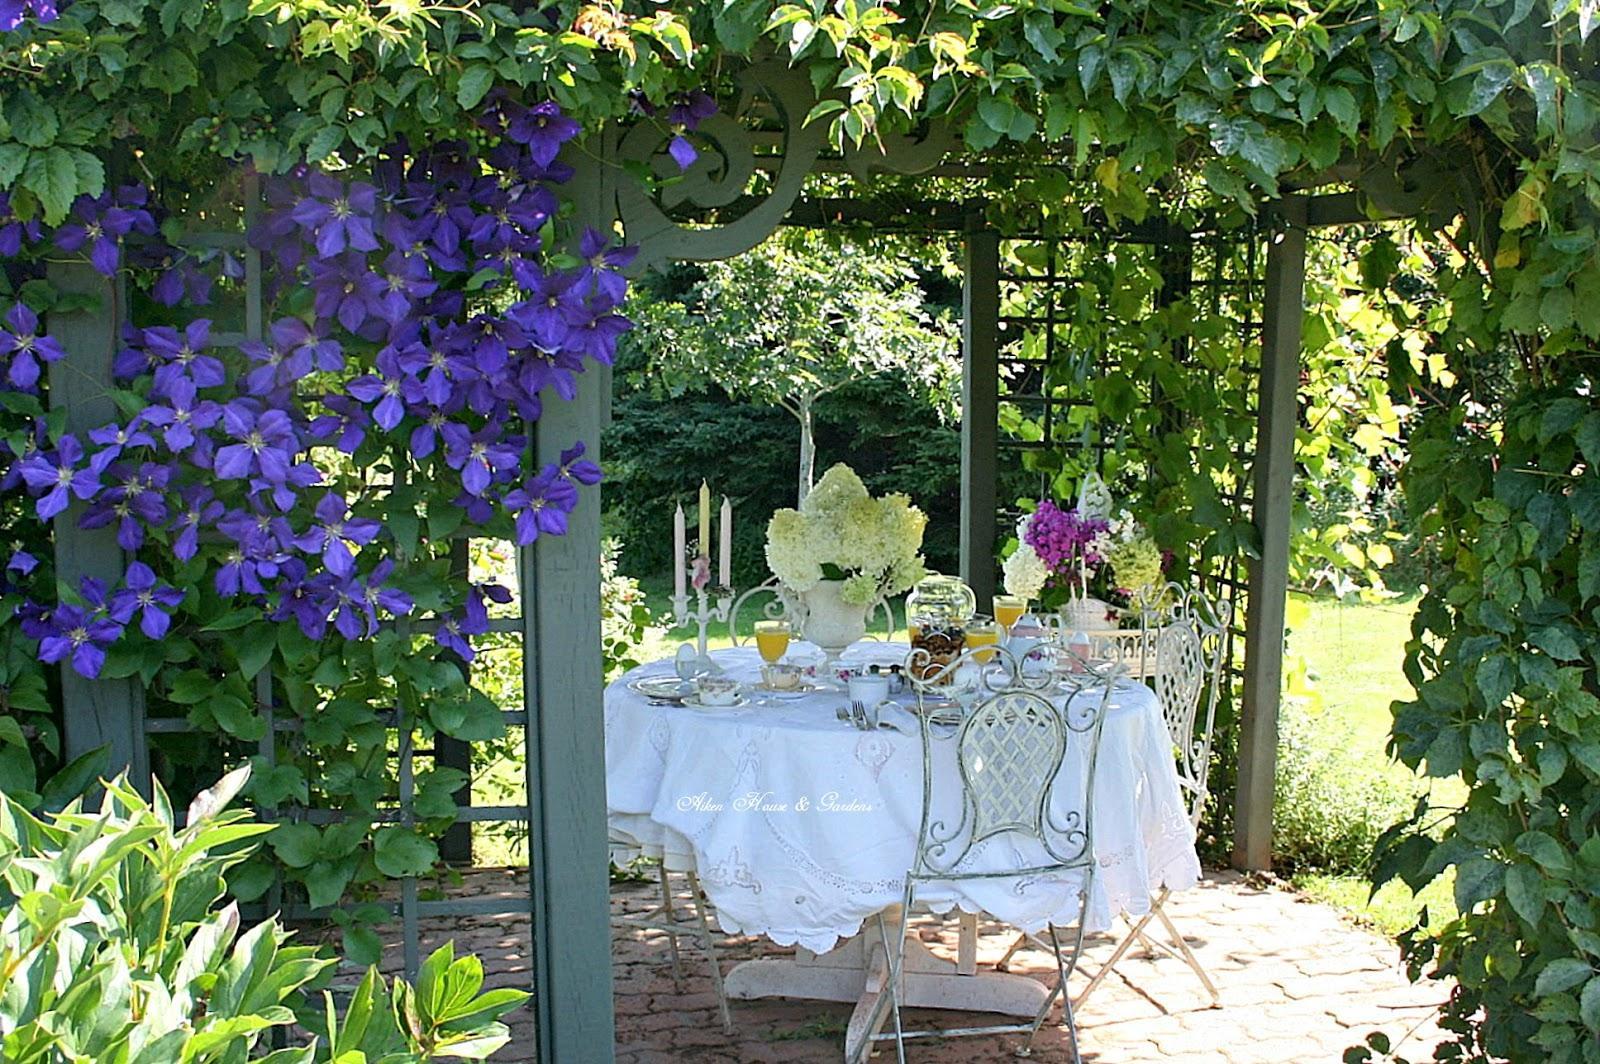 Záhrada,ktorá ťa nikdy neomrzí...divoká a krásna - Obrázok č. 87